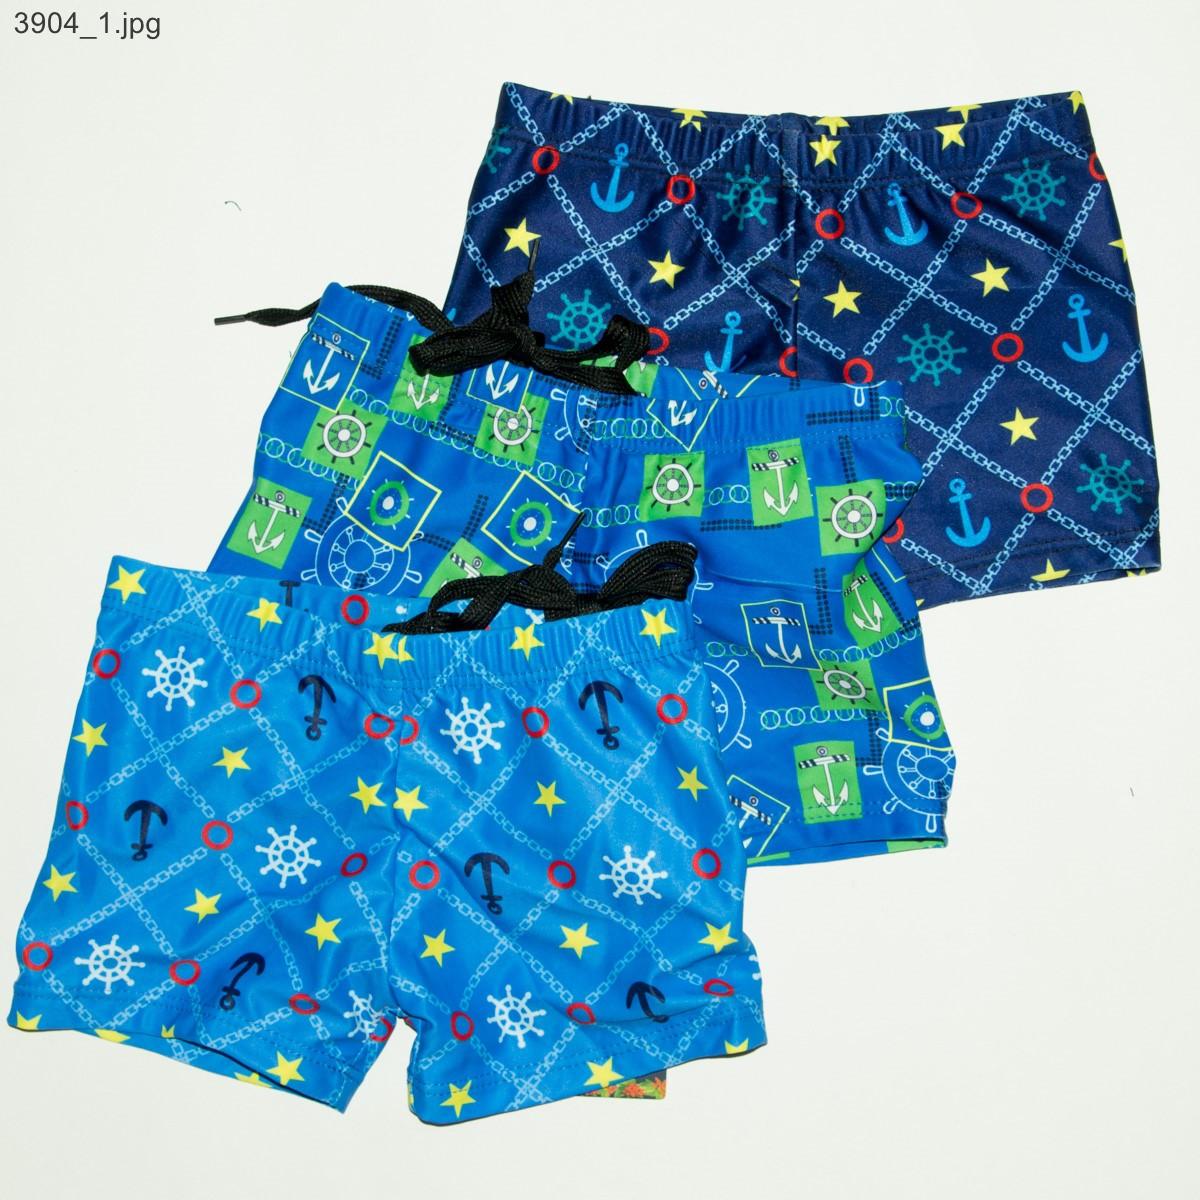 Купальные детские боксеры 28-36р - 3904